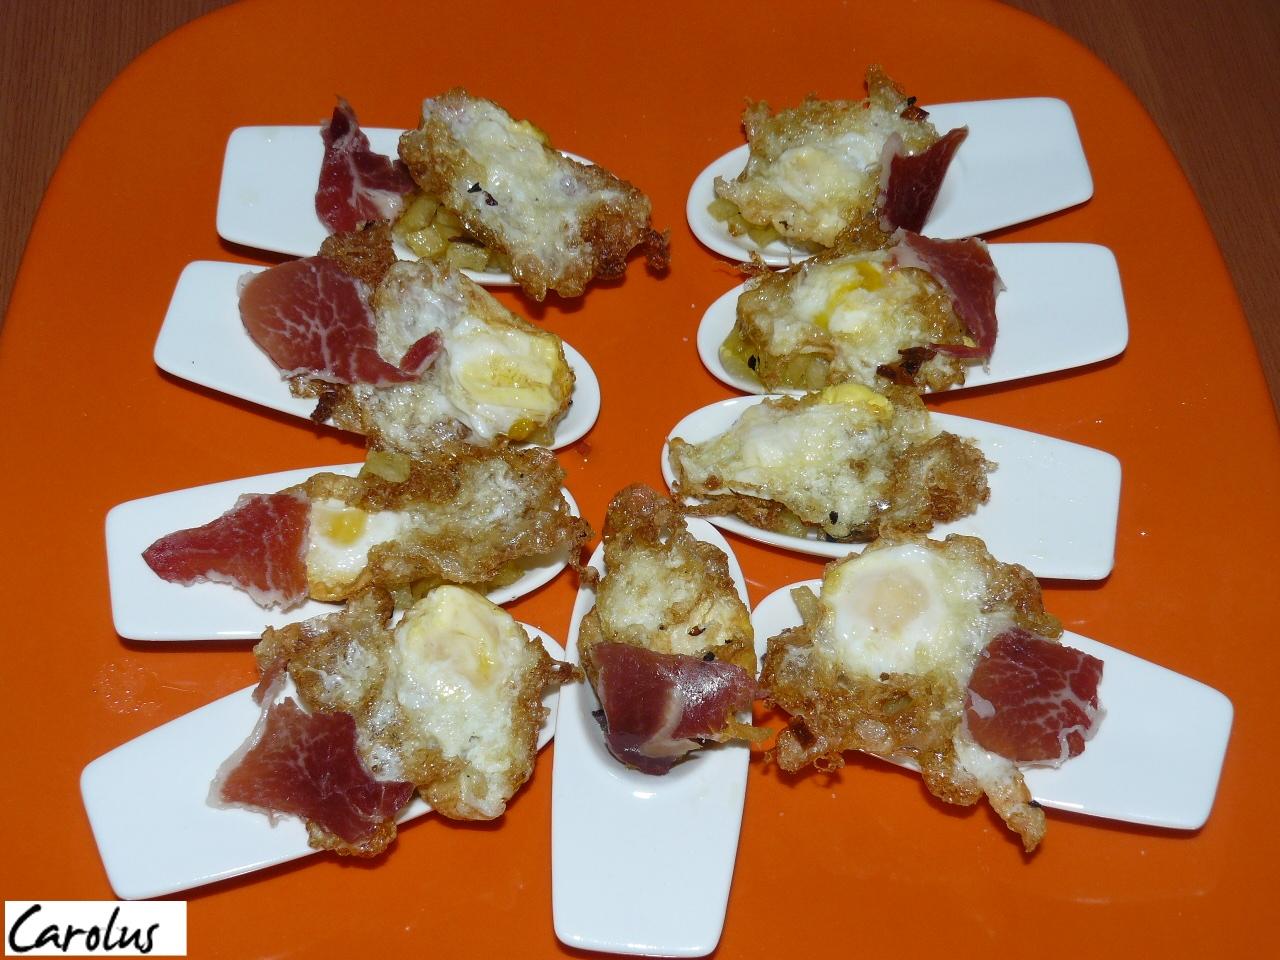 Desayuno del Domingo,para que no ayuneis que es maloooooooooo-http://4.bp.blogspot.com/_lGpvnM8nge4/TLcBHIbp3sI/AAAAAAAAAWg/QCD2MqySU_E/s1600/P1040698.JPG